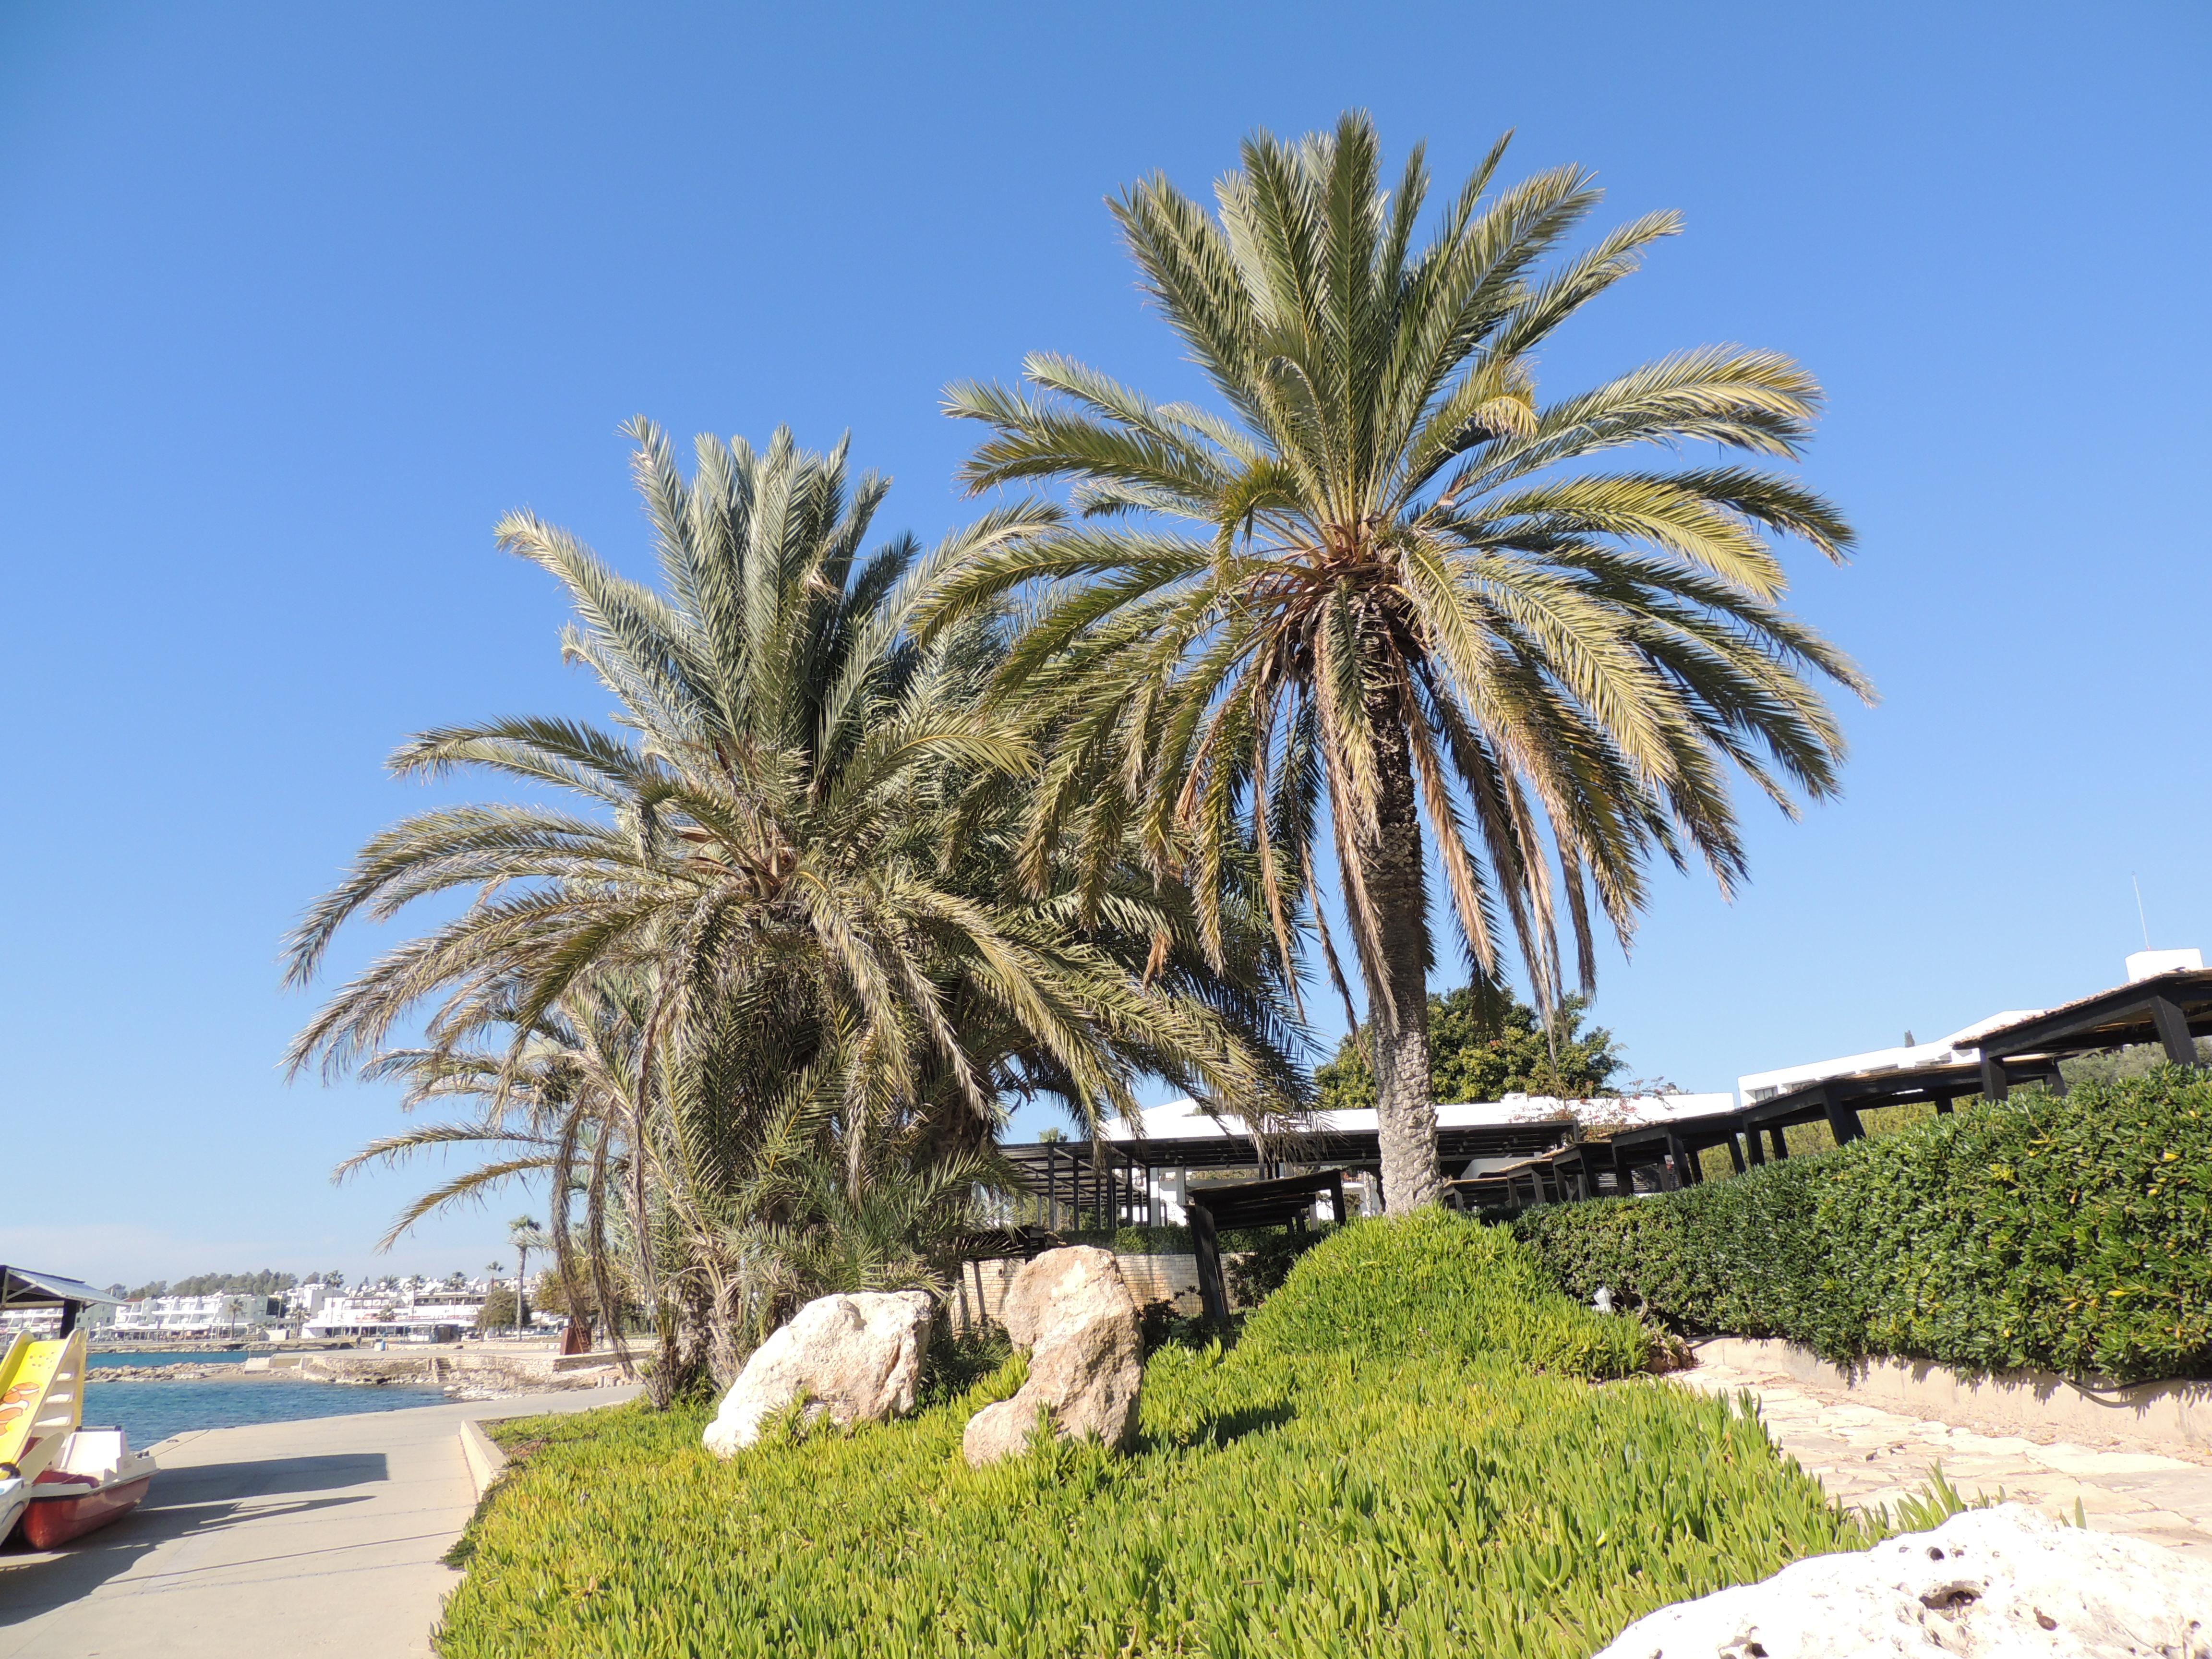 gratuit datation Paphos Chypre plus de 50 en ligne datant de l'Australie